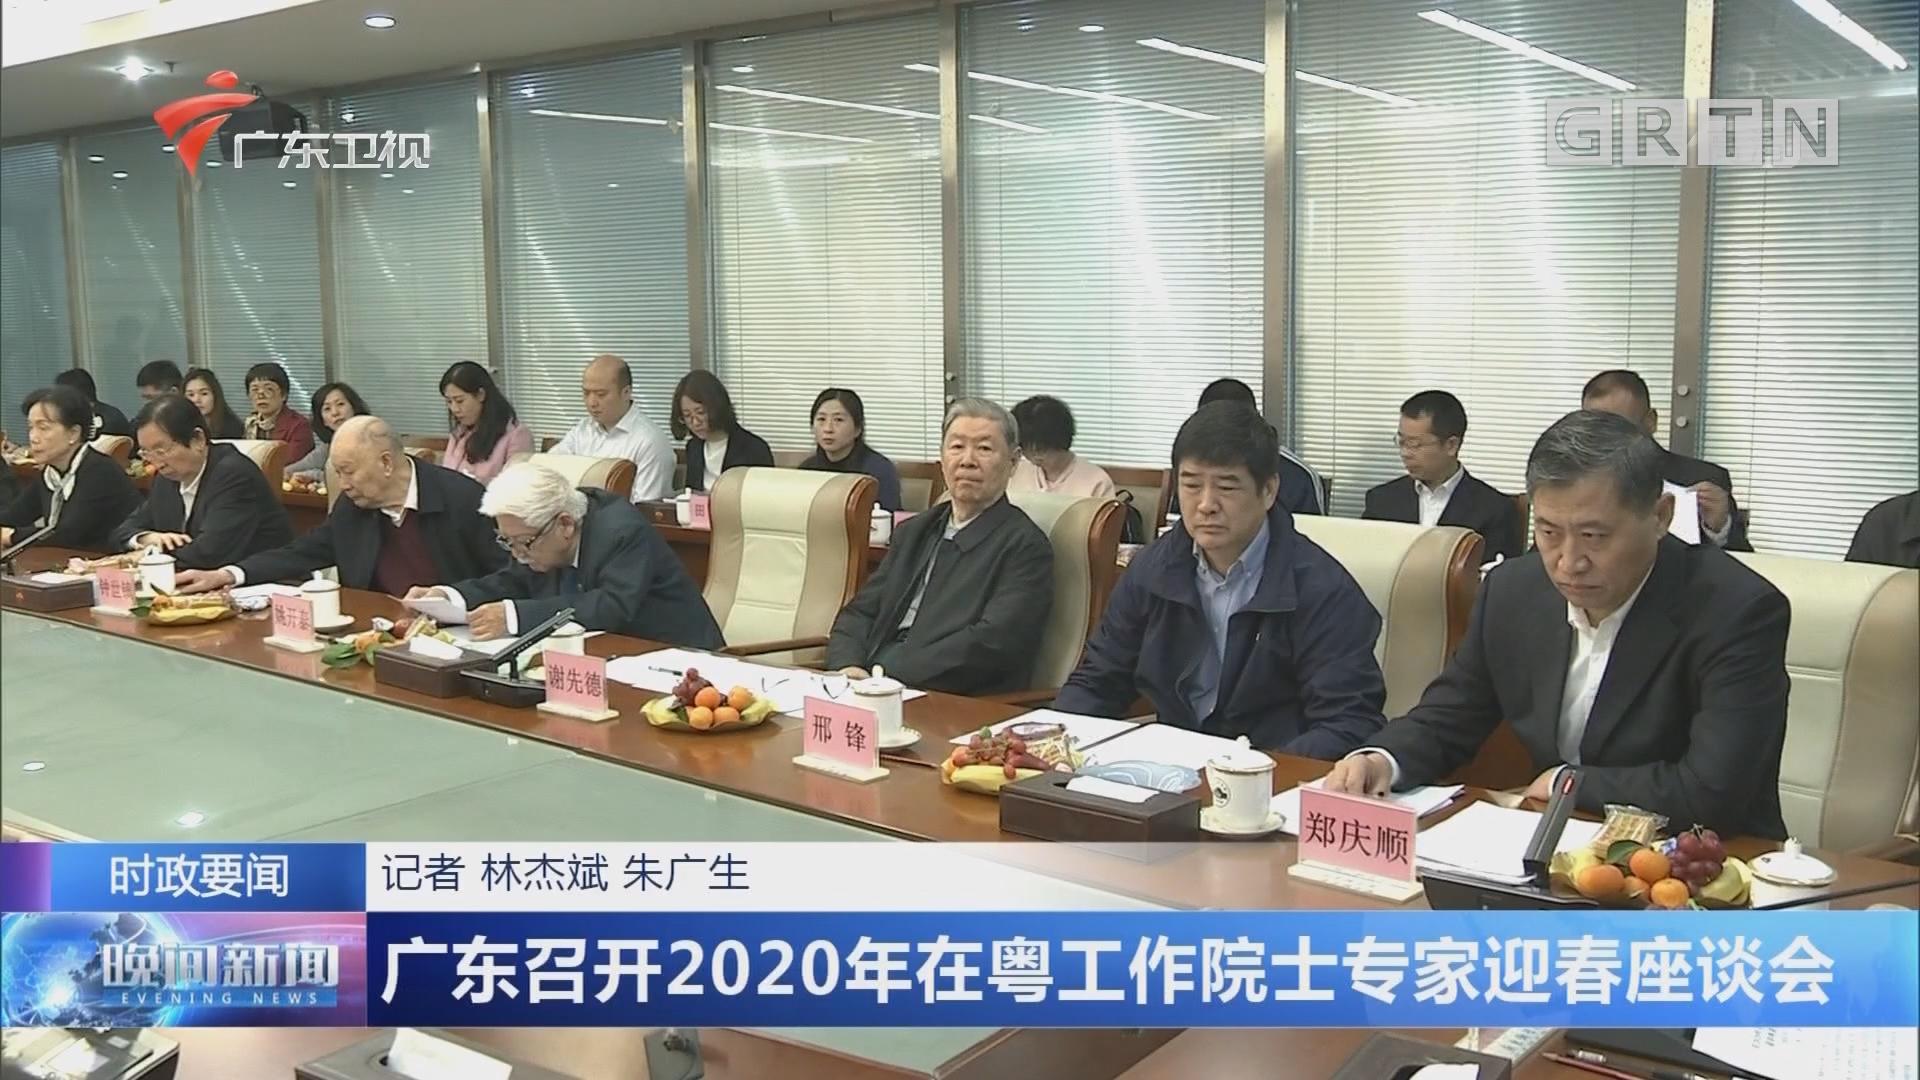 广东召开2020年在粤工作院士专家迎春座谈会